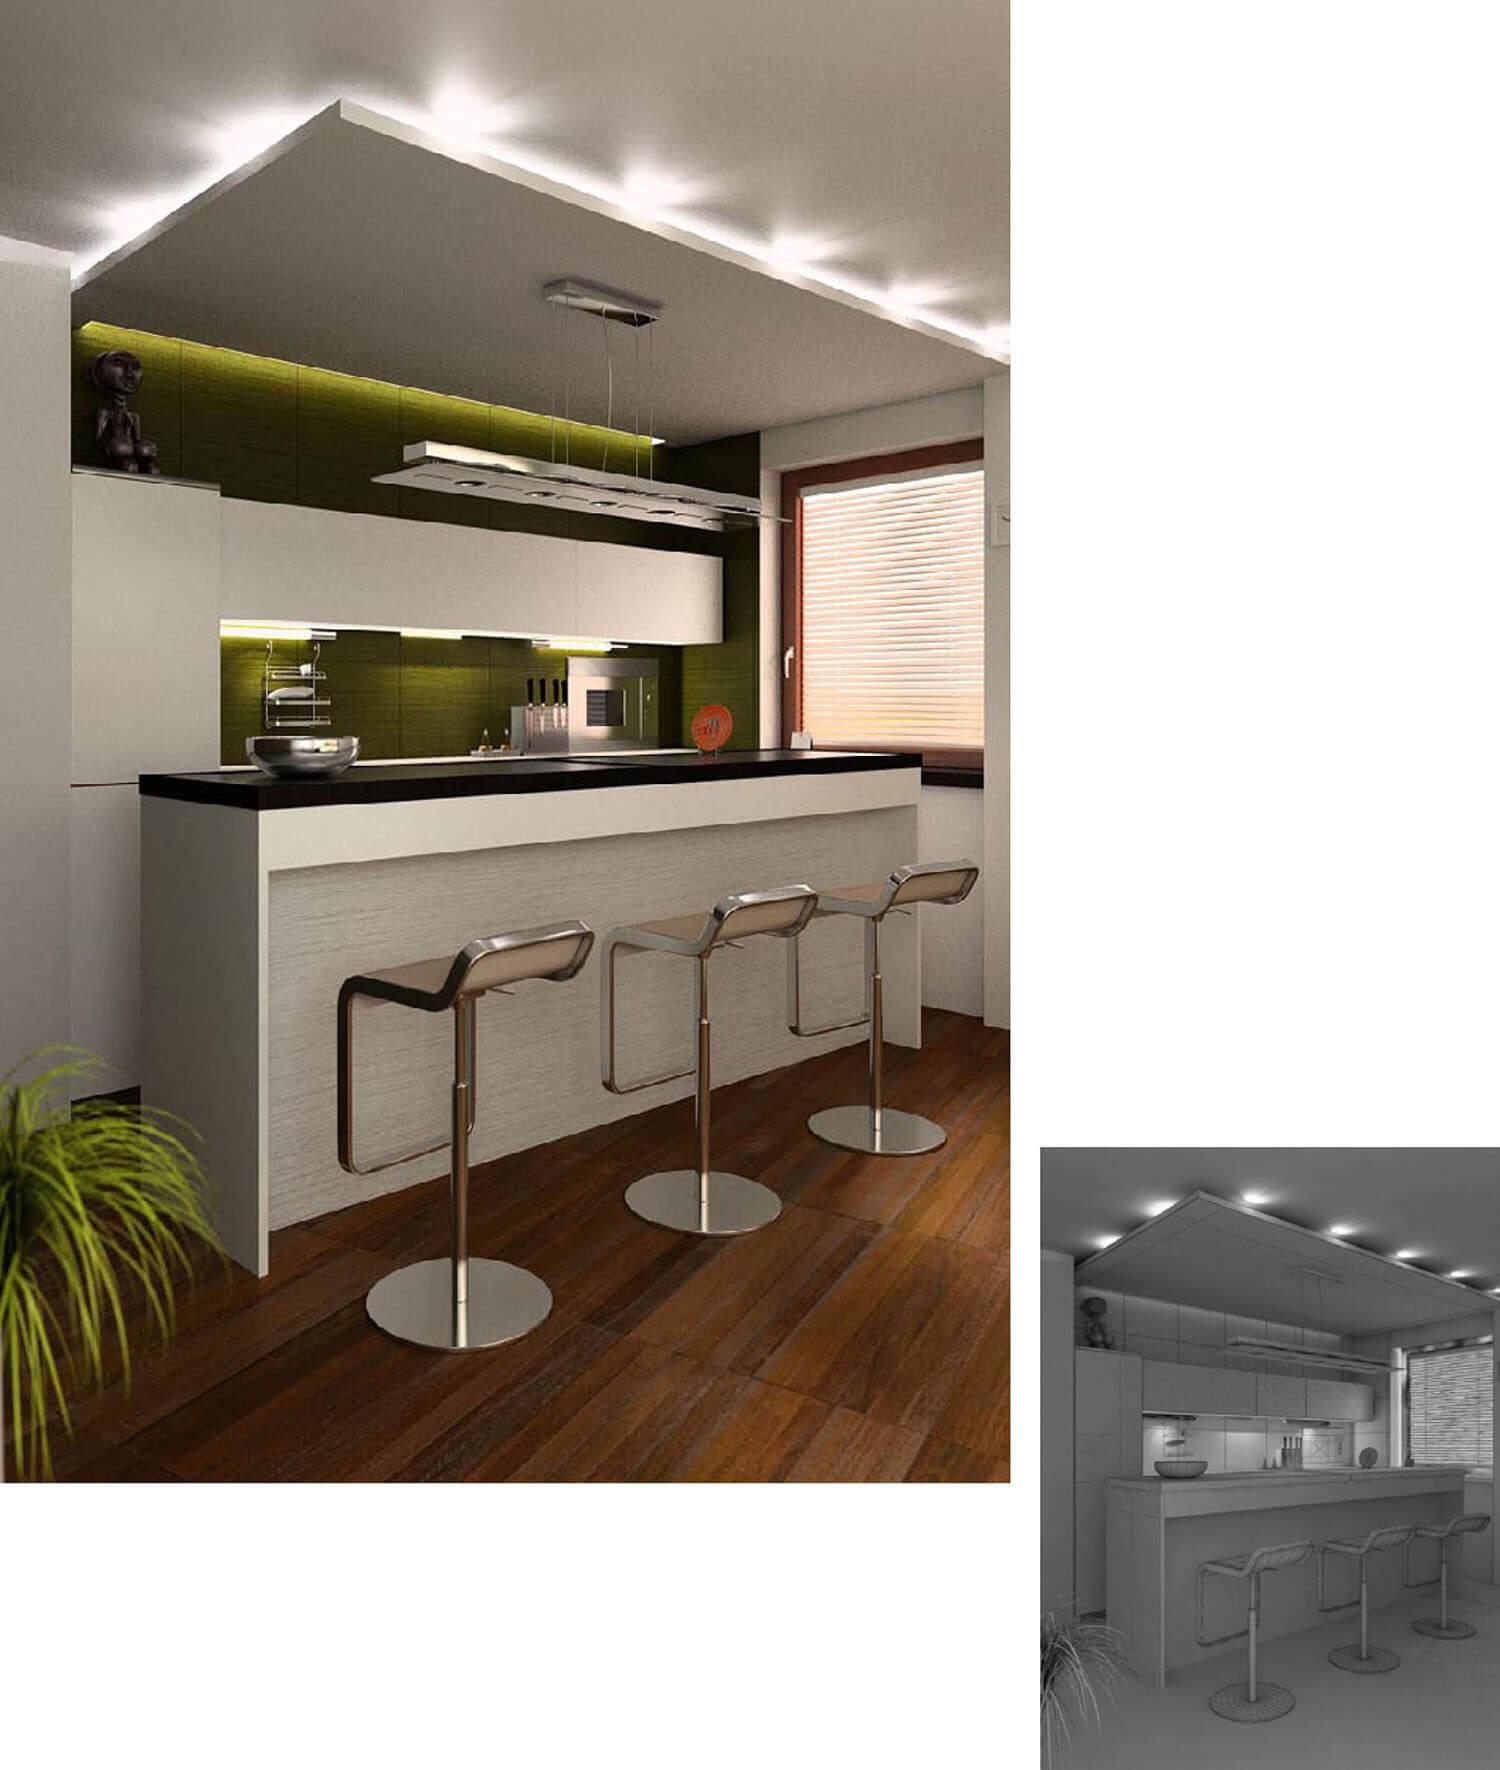 Mẫu bếp đẹp với ánh sáng kì diệu hắt ra từ mảng trần thạch cao